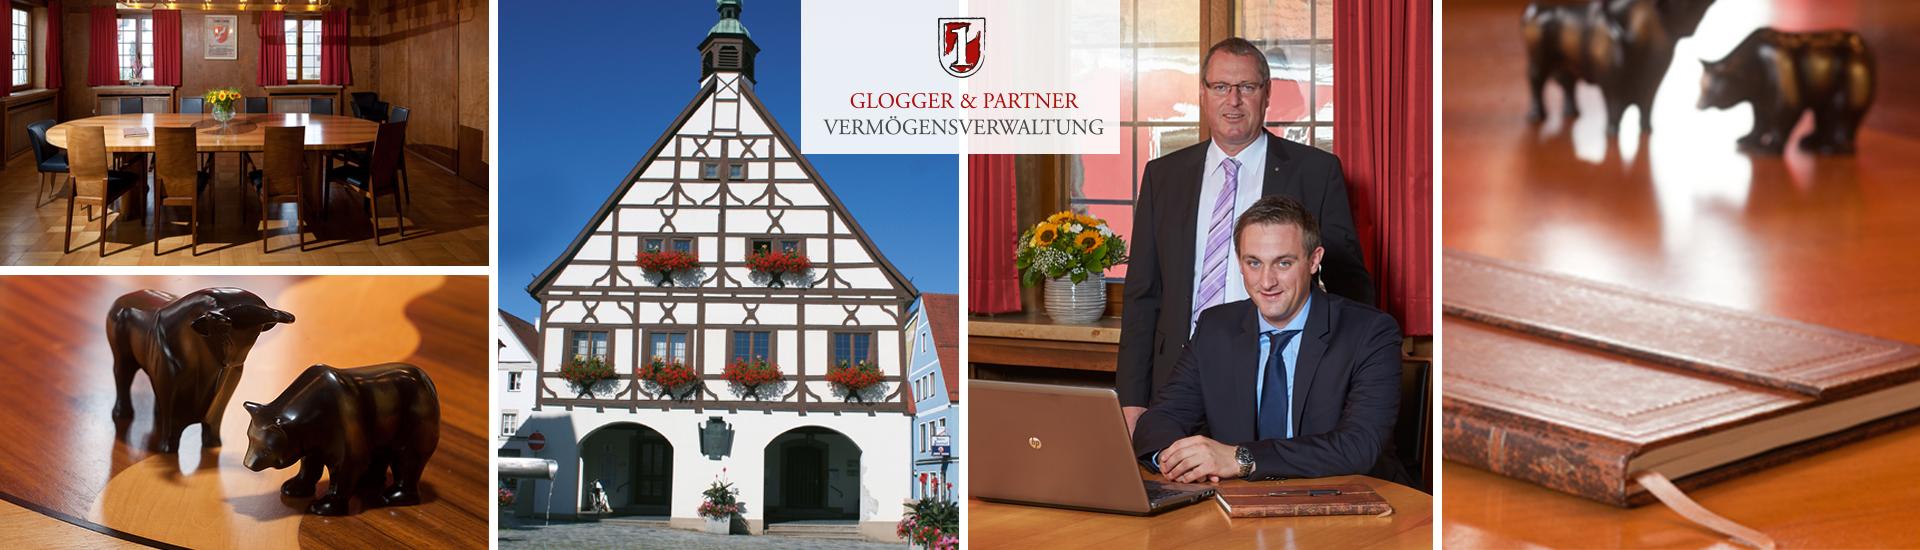 Glogger&Partner_neuer_Banner_ohne_Beschriftung